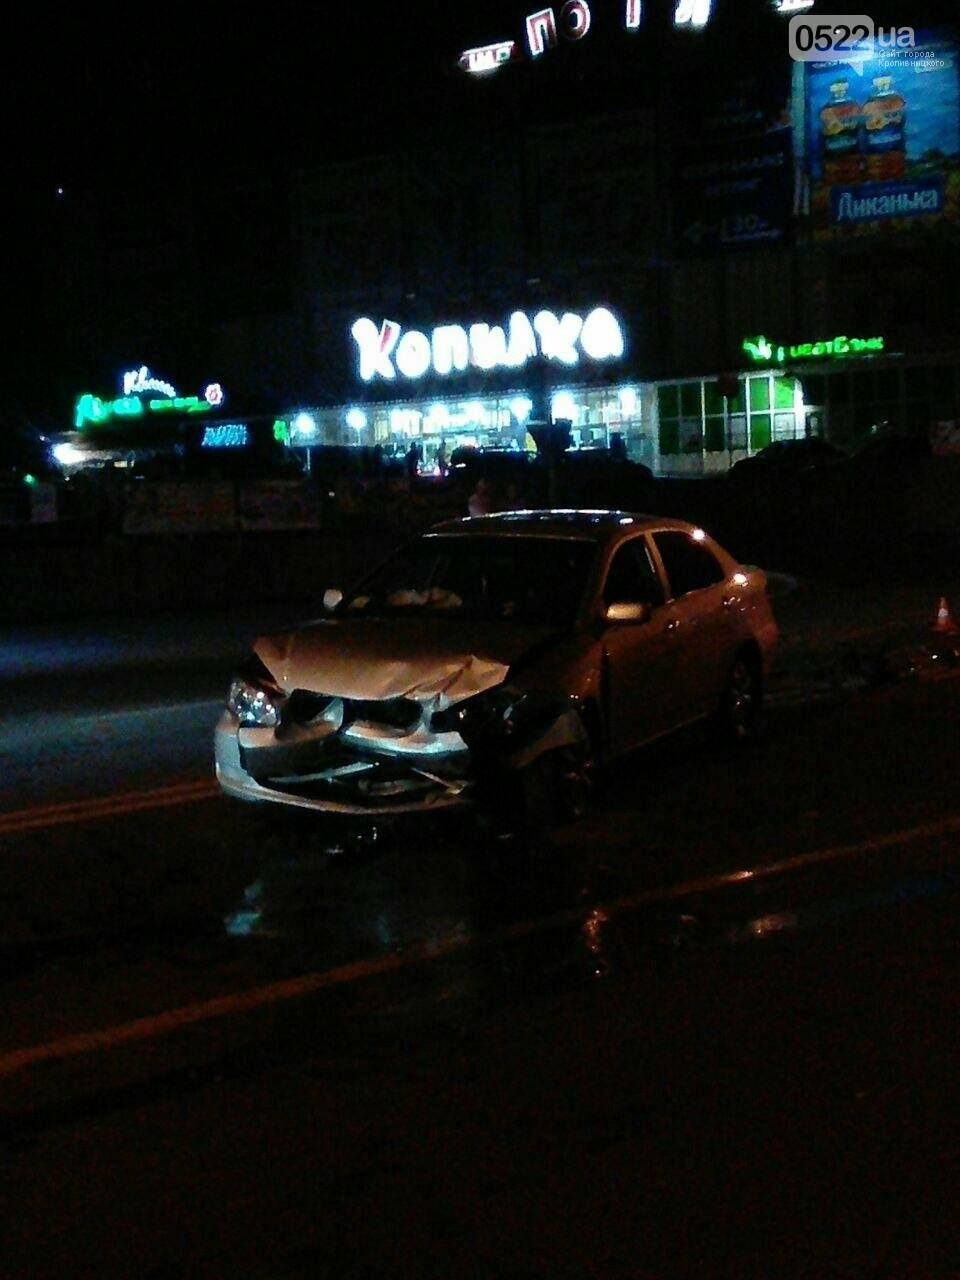 В областном центре снова произошло серьезное ДТП ФОТО, фото-2